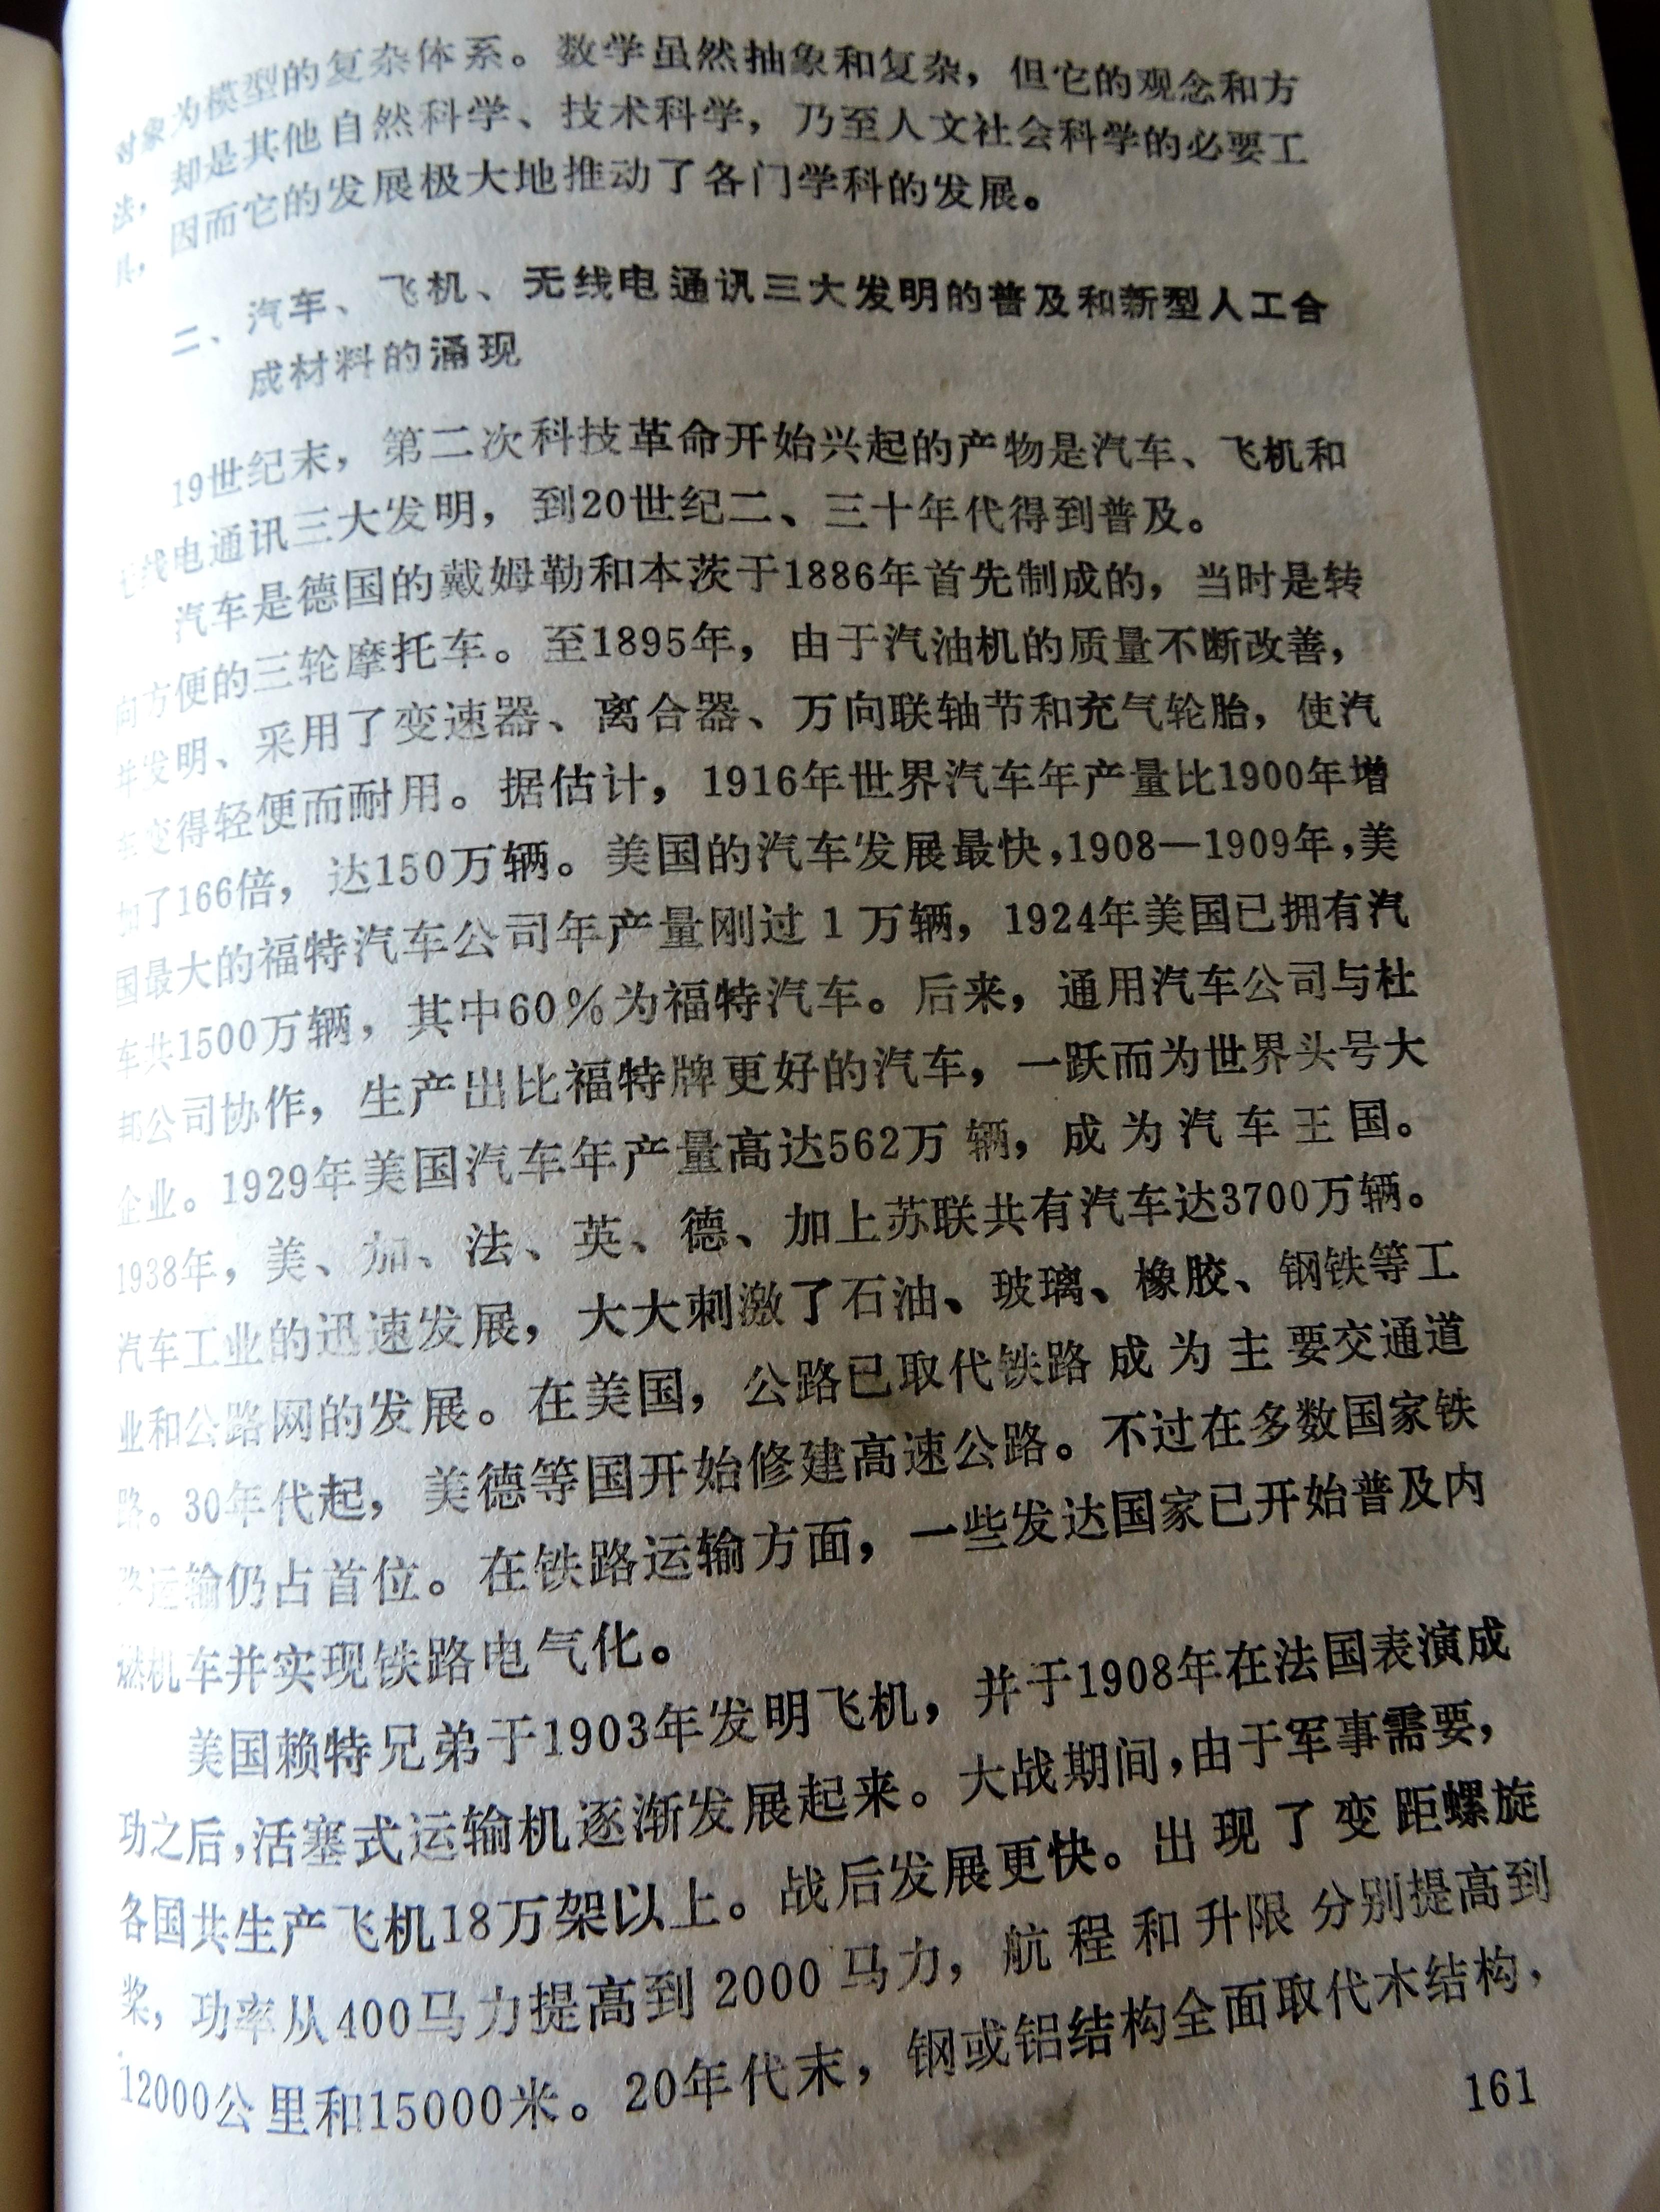 5 DSCN7878.jpg